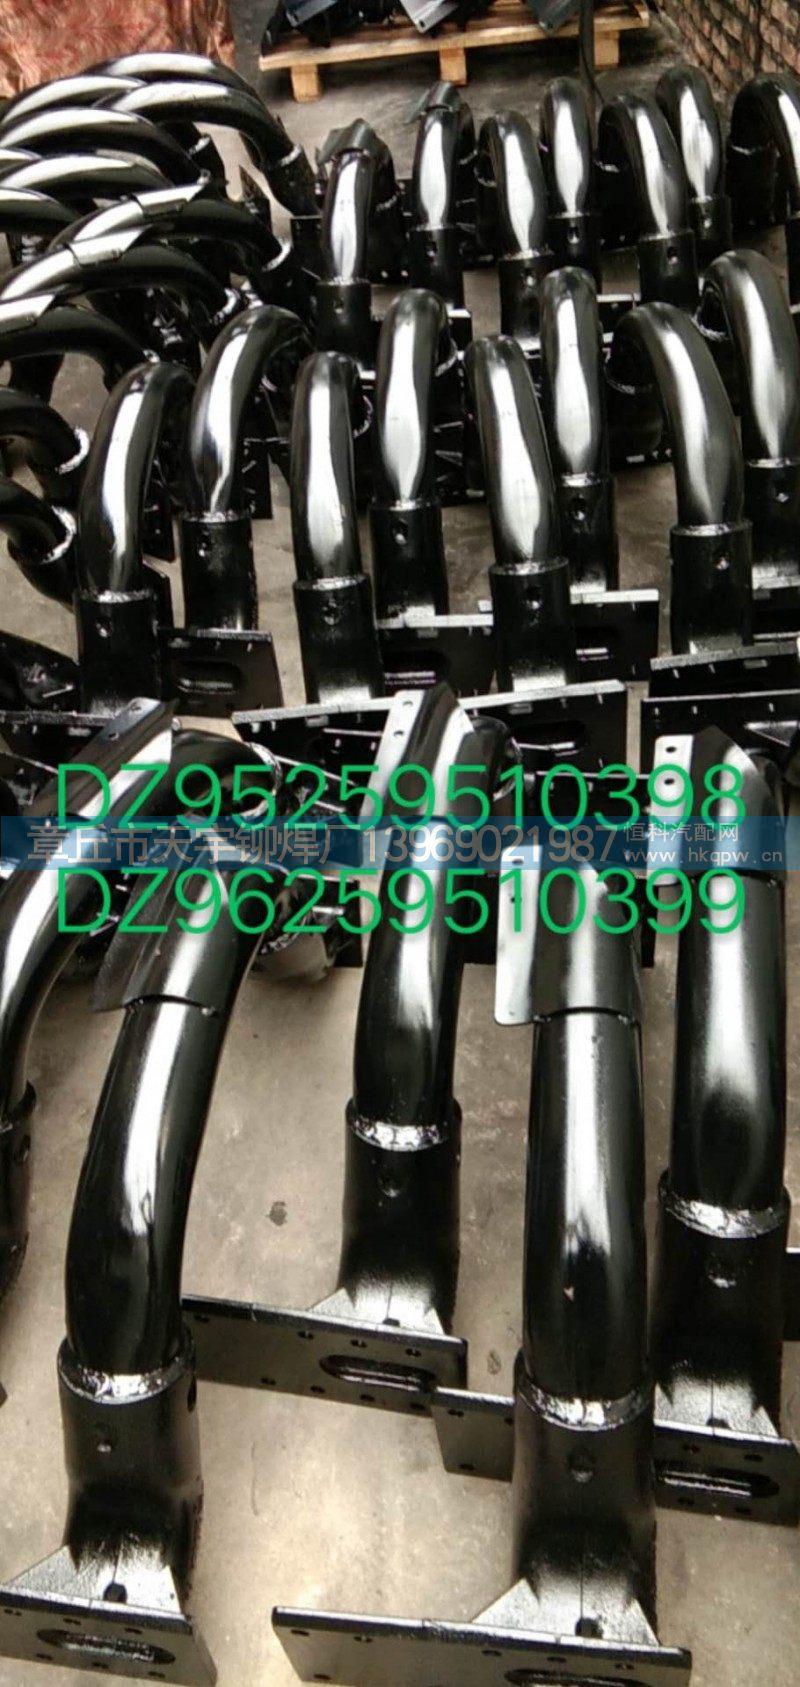 陕汽德龙X3000管梁DZ95259510399/DZ95259510399